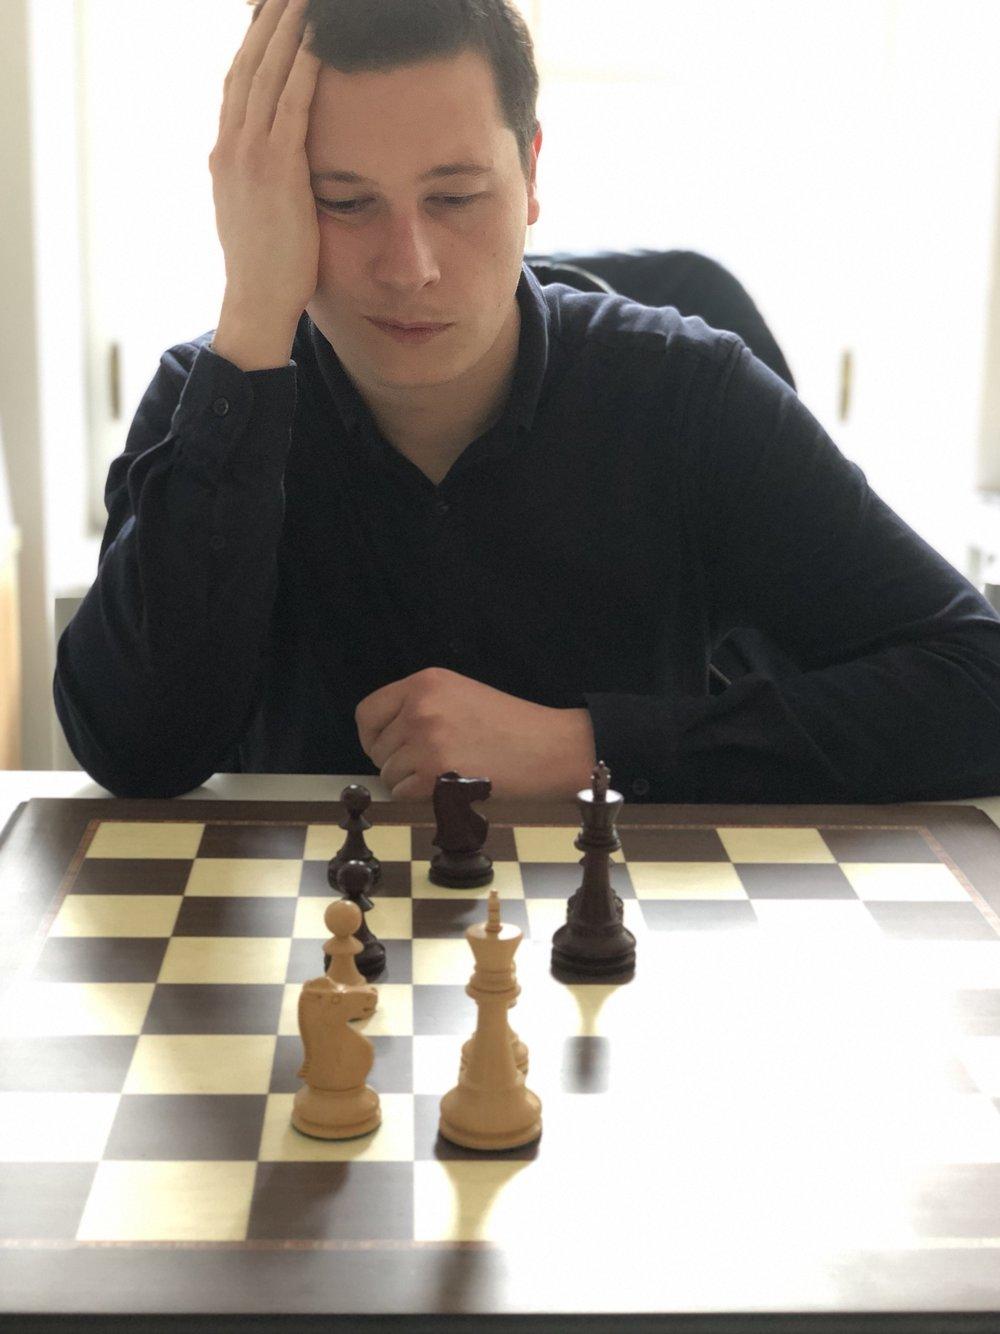 Photo Courtesy of Stjepan Tomić